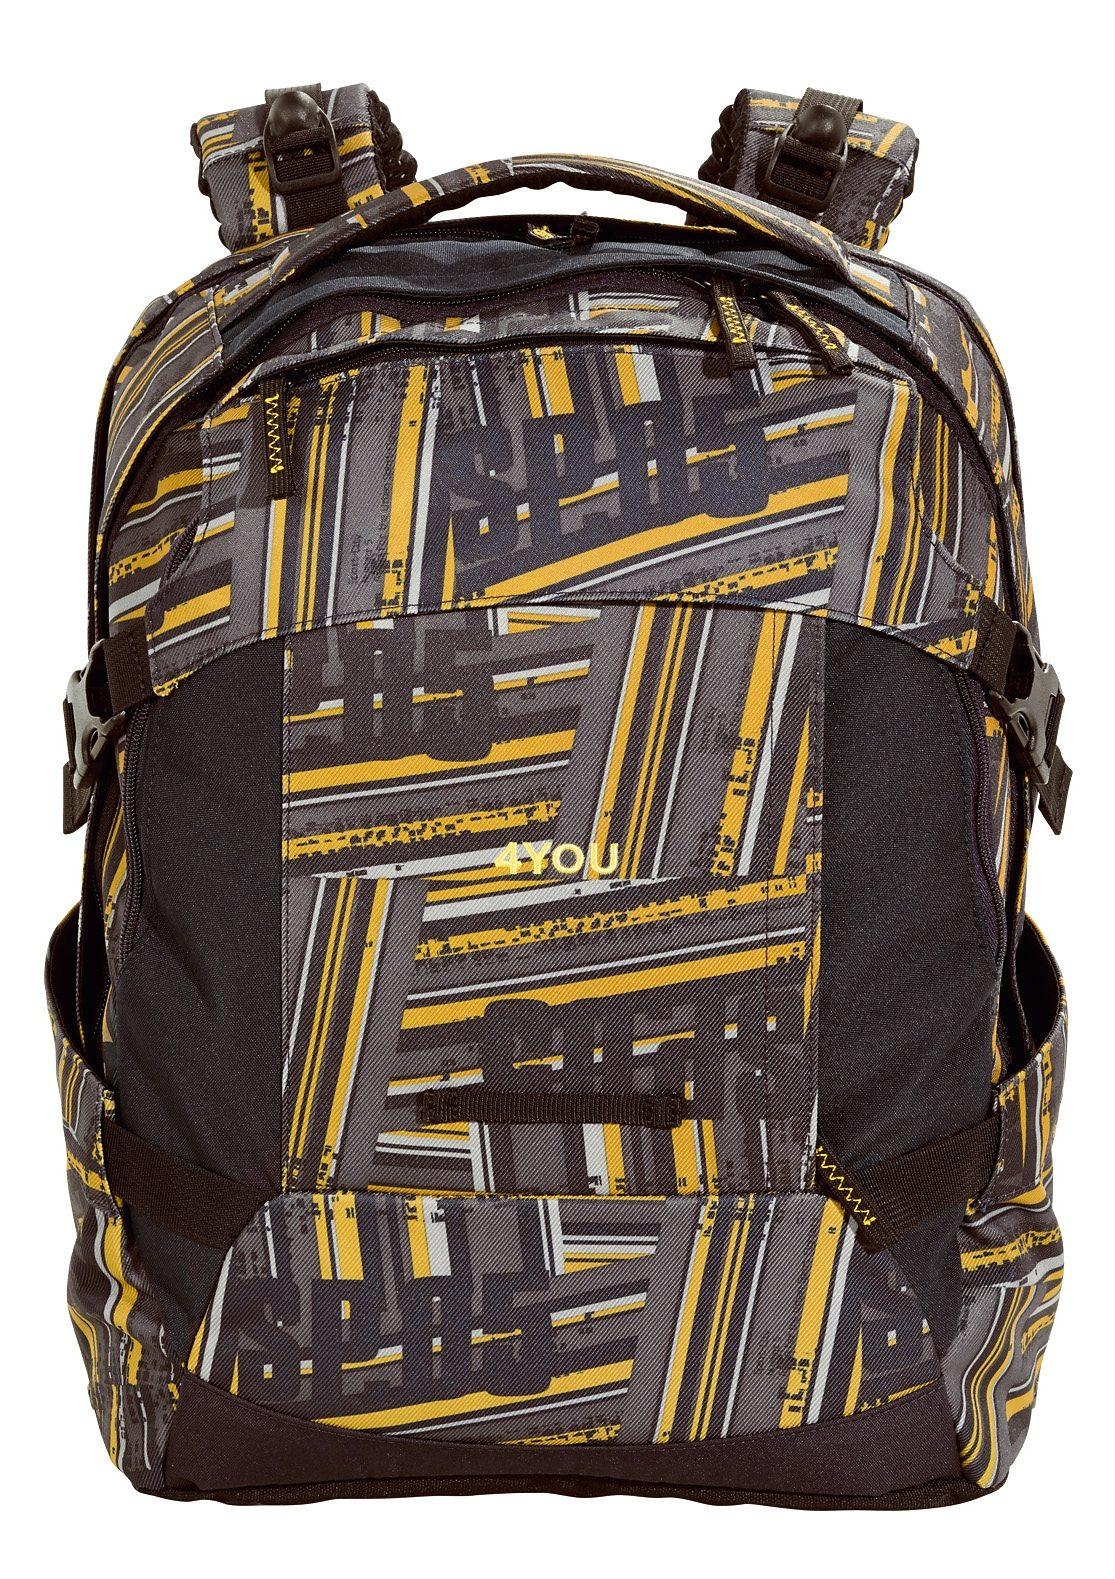 4YOU Schulrucksack mit Laptopfach, Stripes, »Tight Fit«